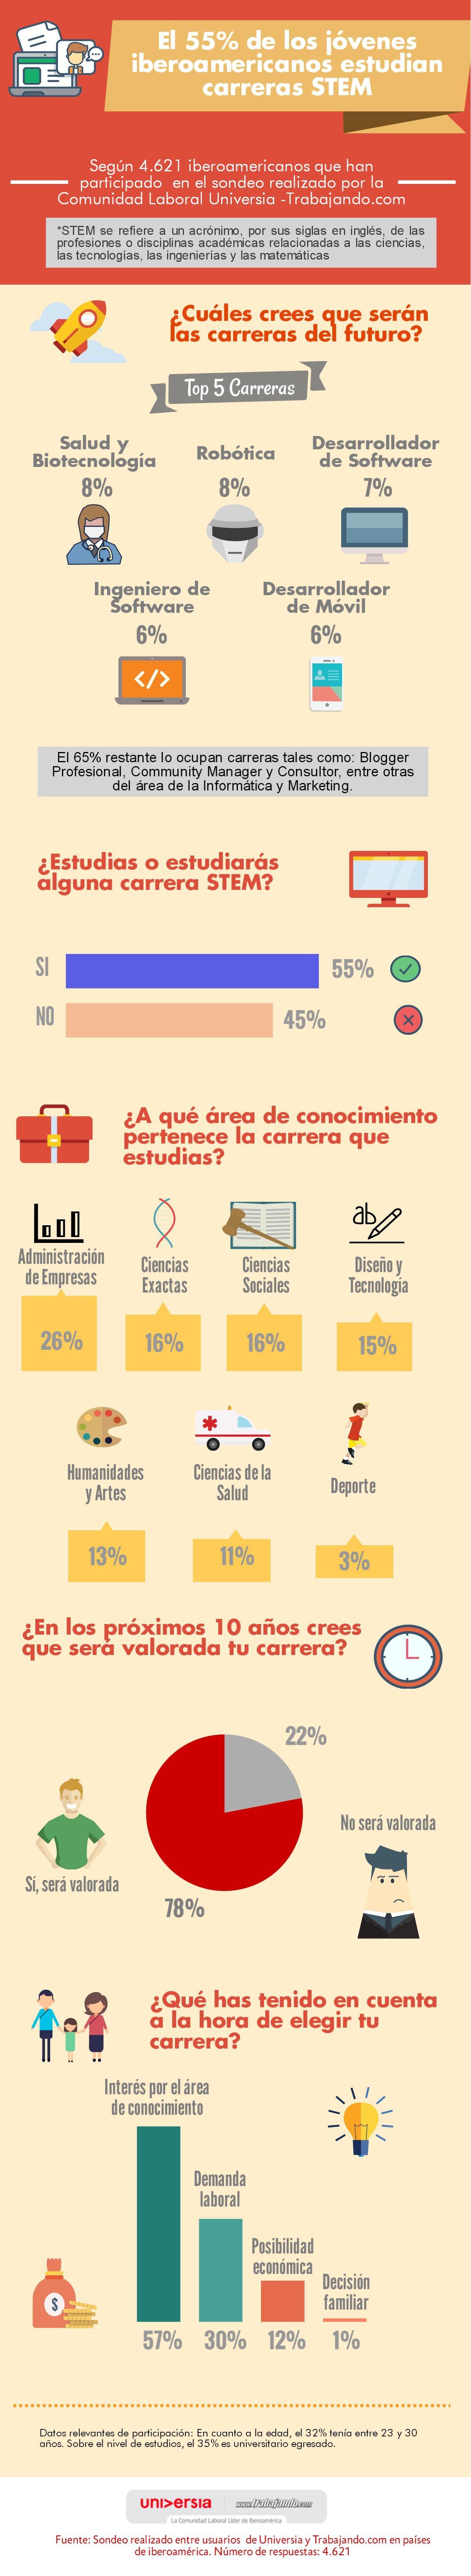 Más de la mitad de los universitarios iberoamericanos estudia carreras STEM